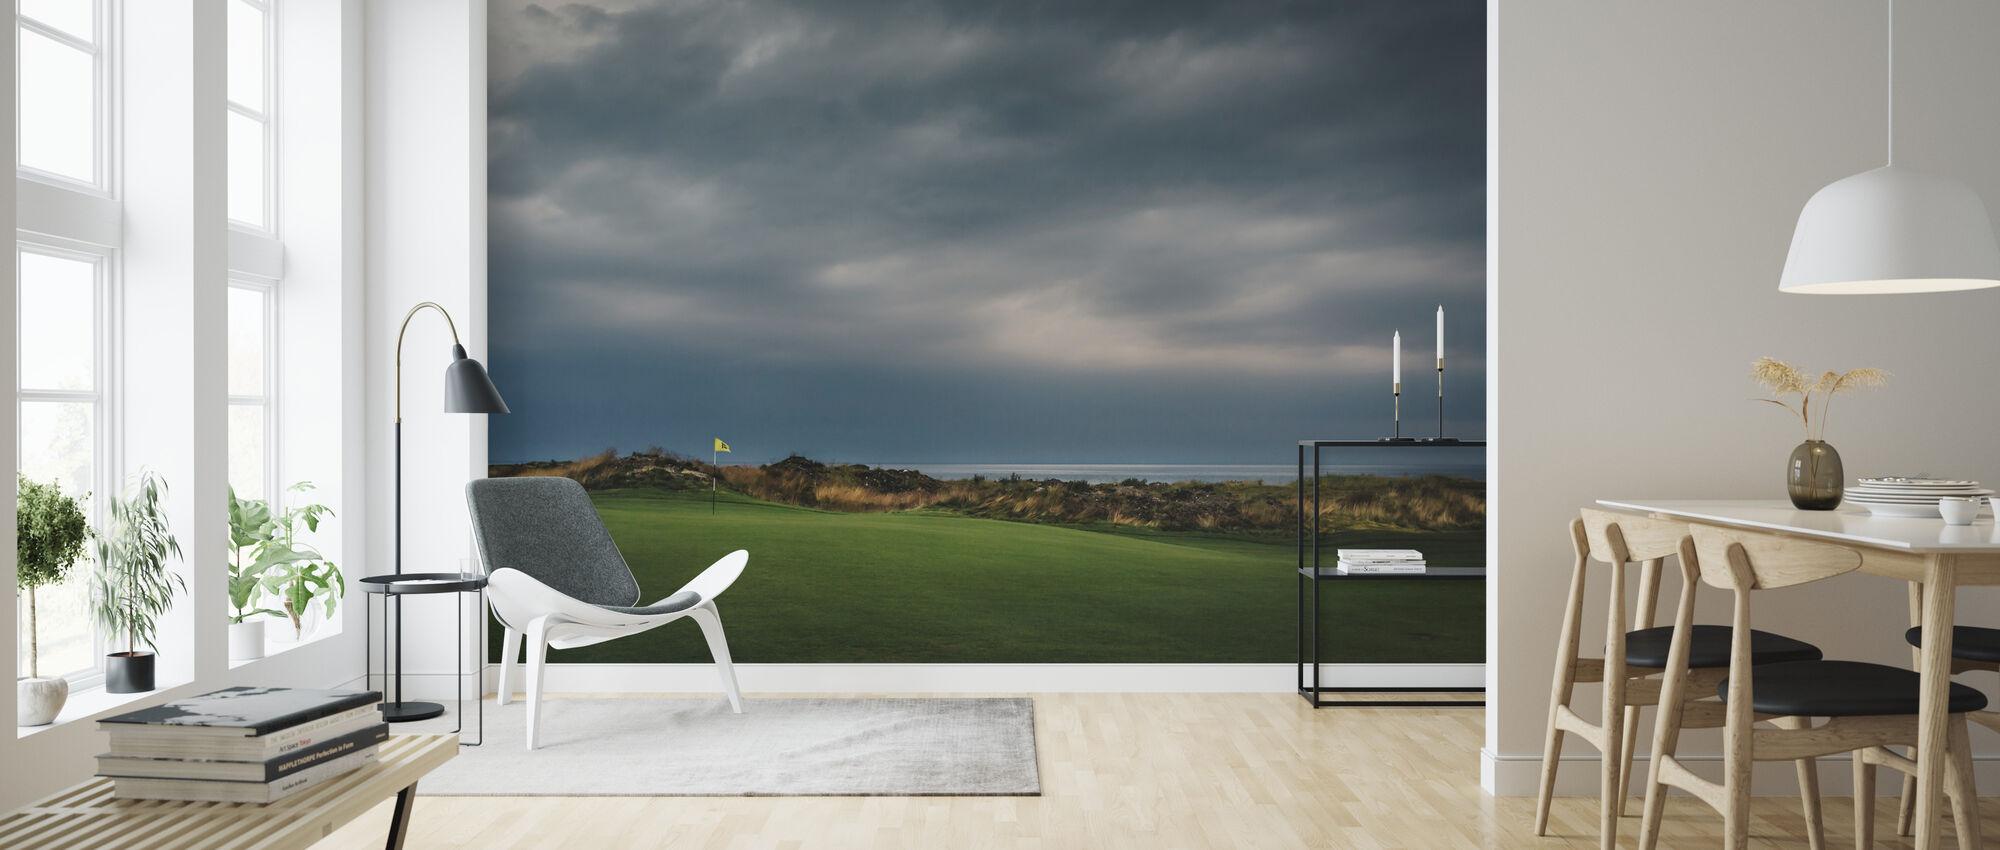 Golfbaan in Lofoten, Noorwegen - Behang - Woonkamer